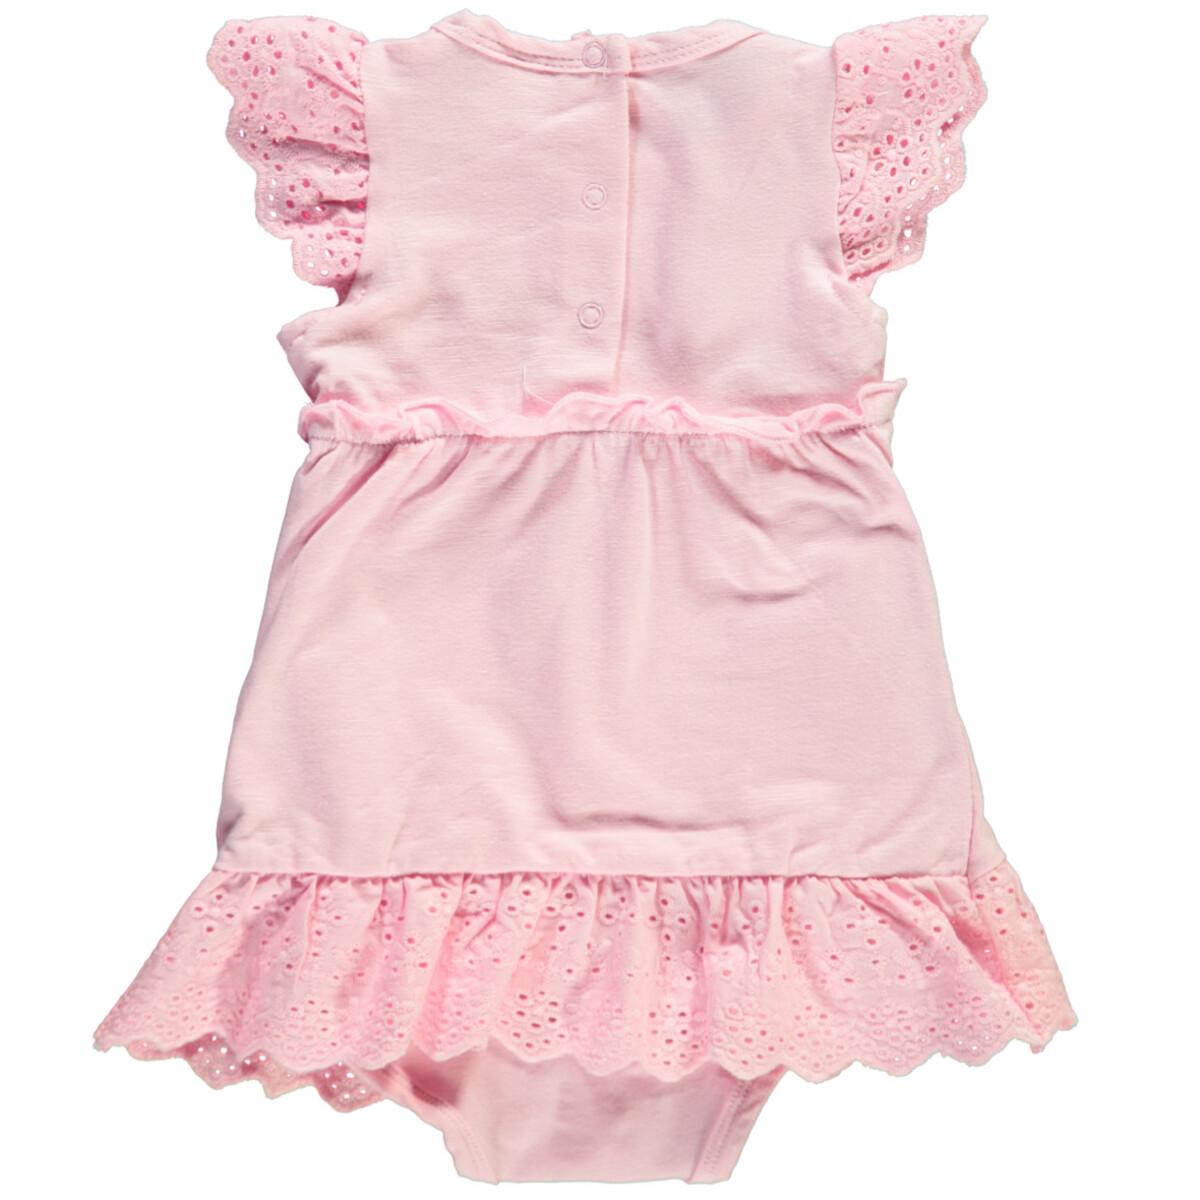 Bild 2 von Baby Body-Kleid mit Spitzenapplikationen